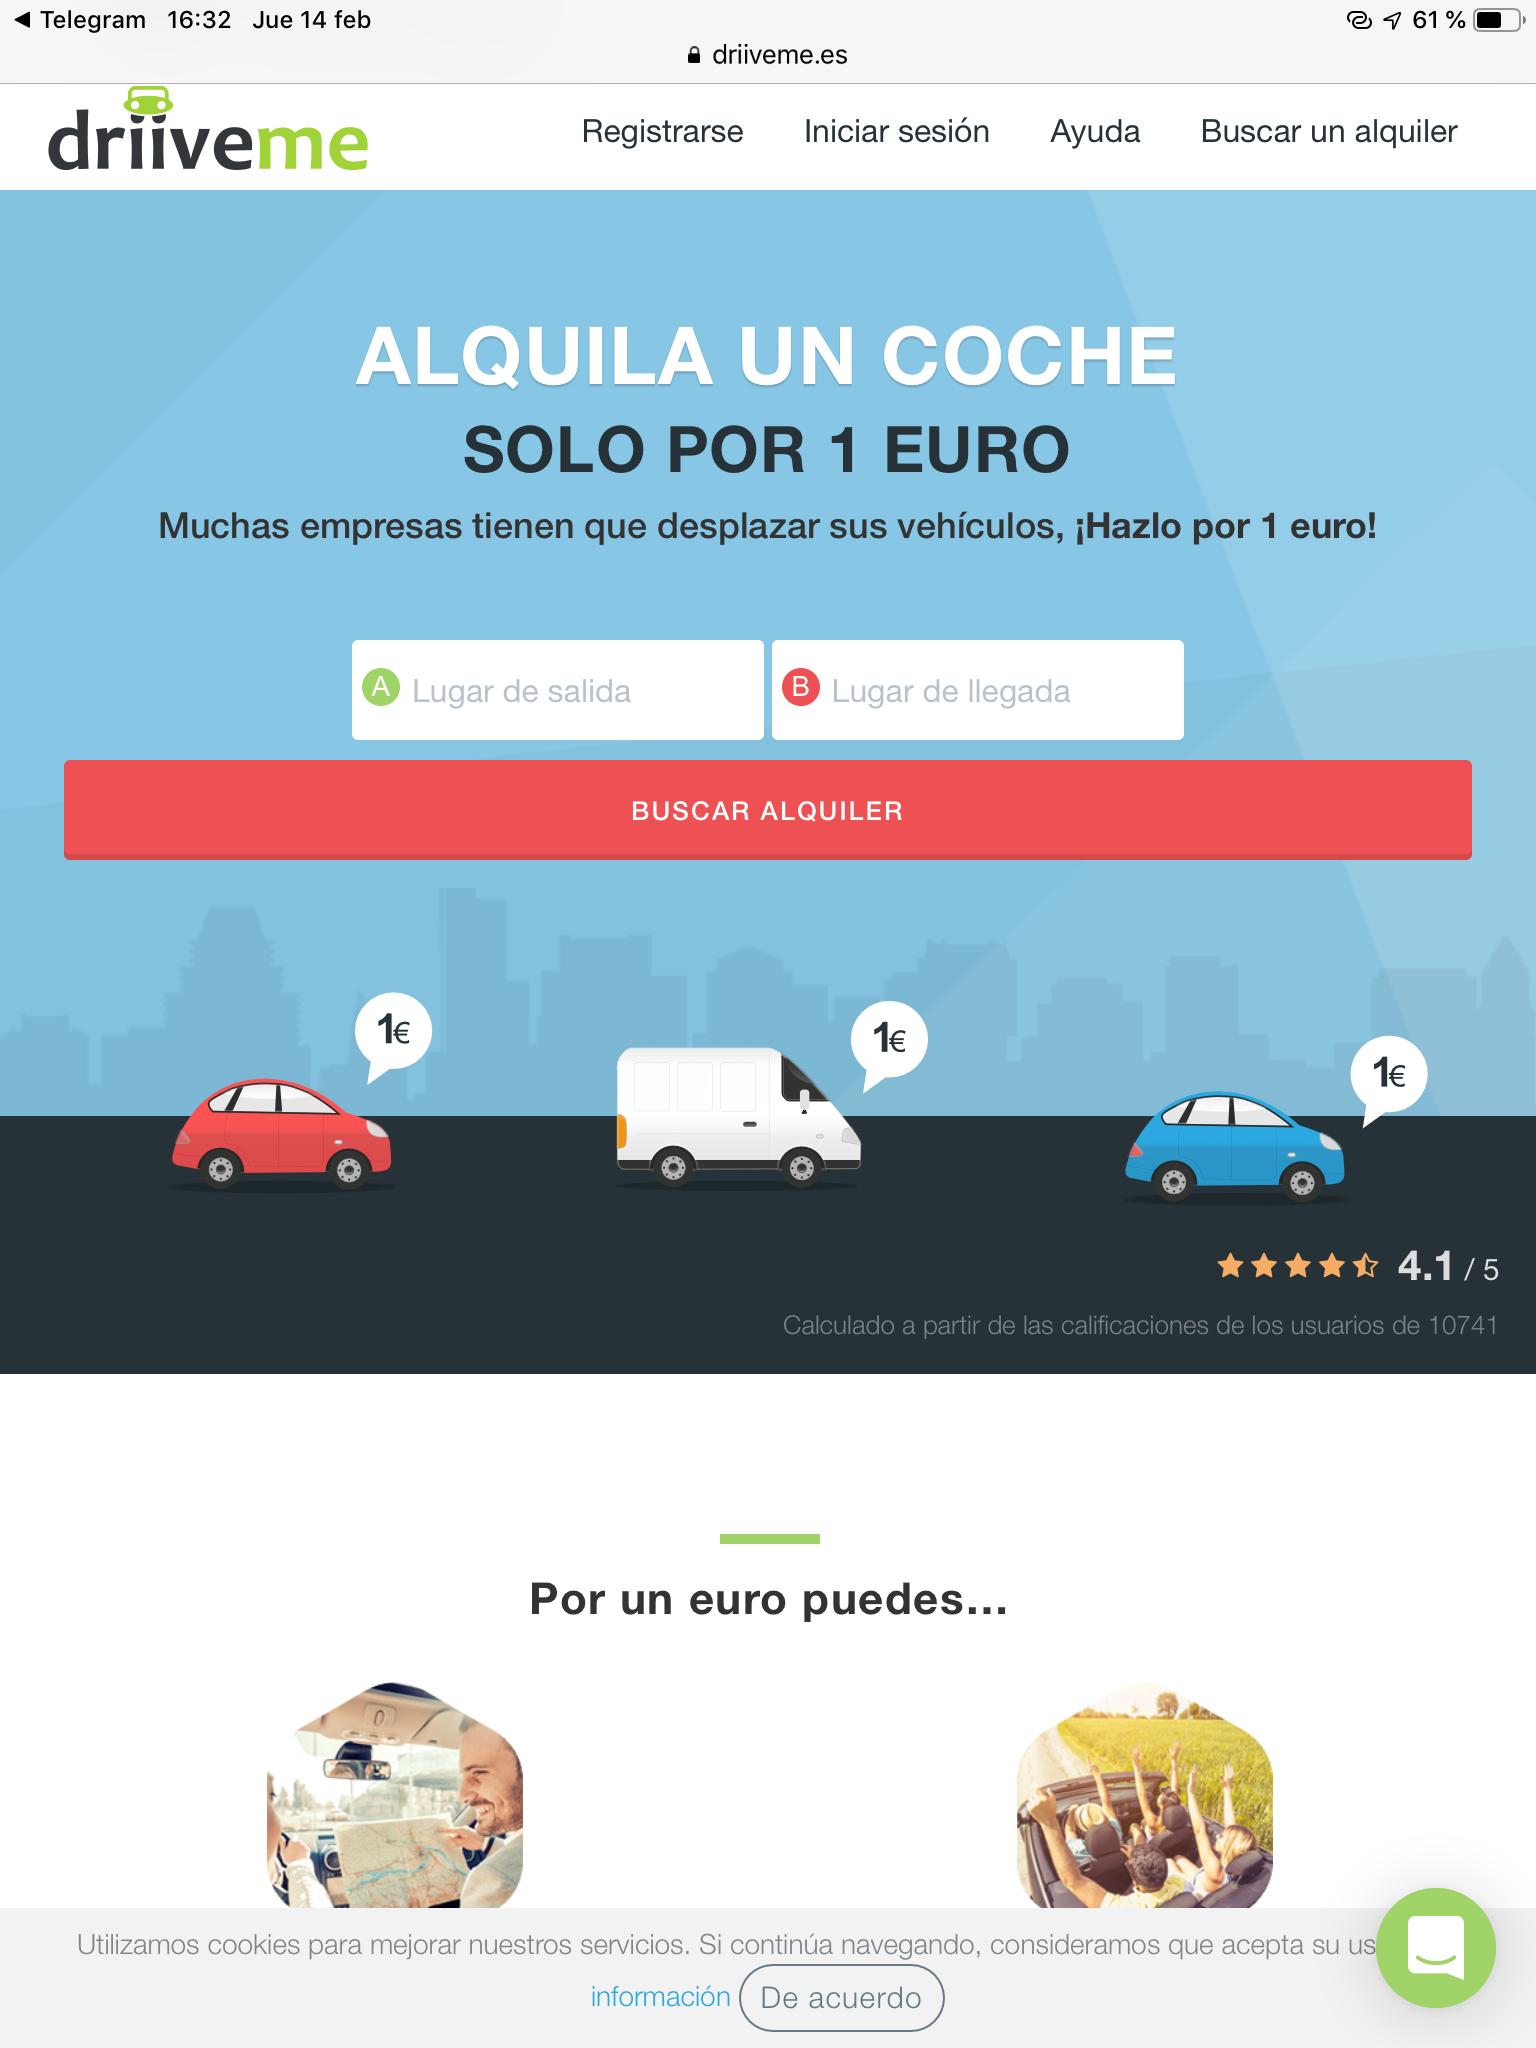 Coches y furgonetas de alquiler...  ¡SOLO 1€!